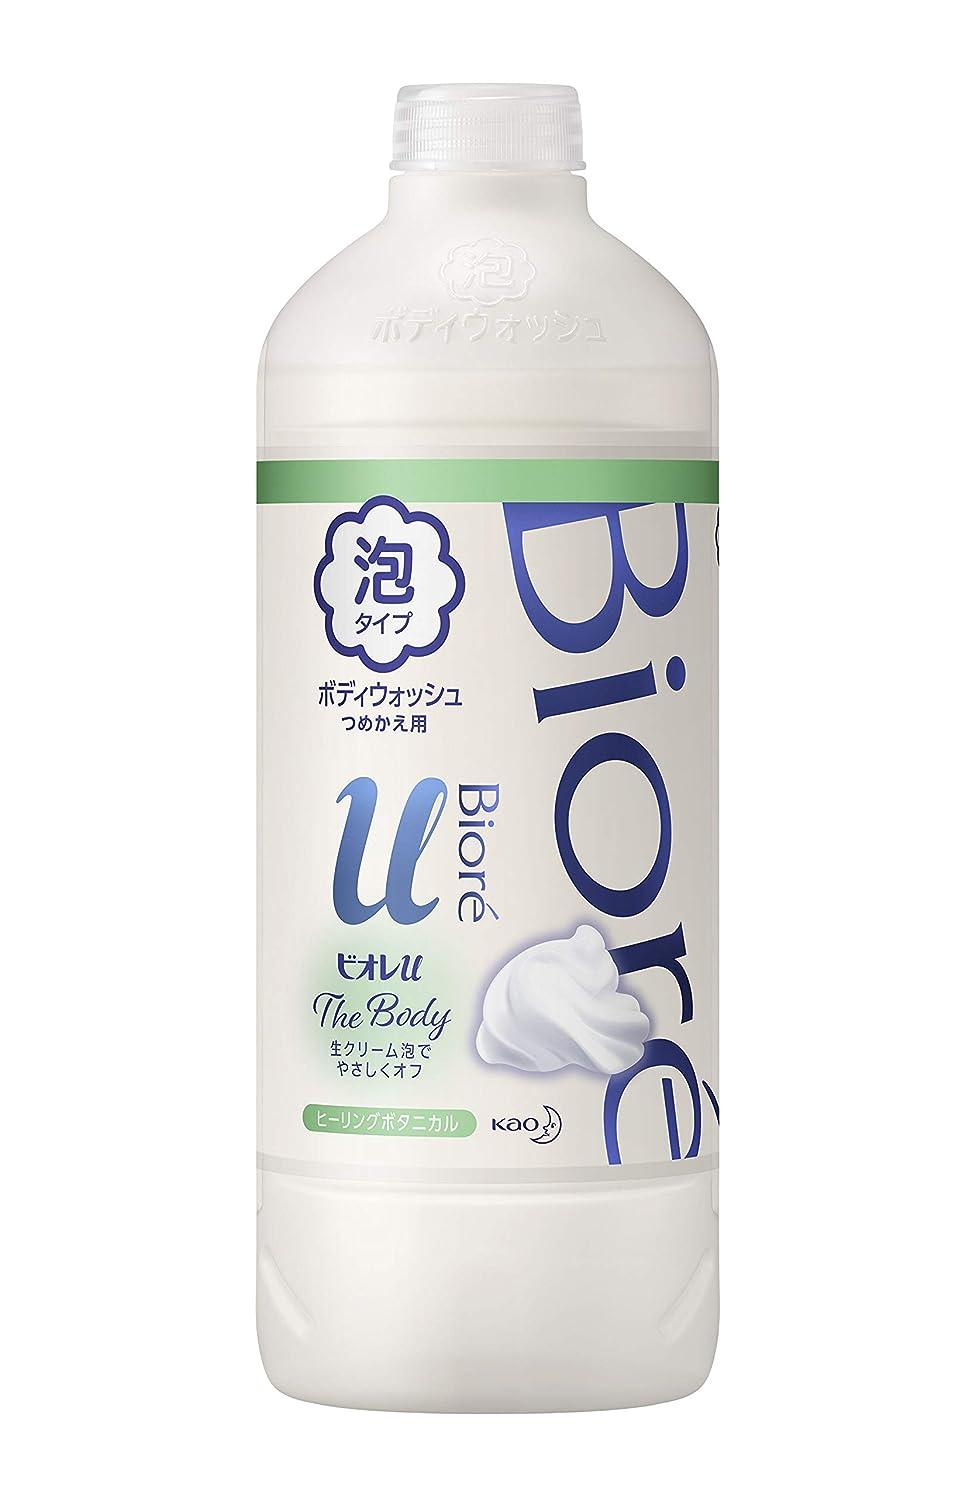 セクタ義務付けられた歌ビオレu ザ ボディ 〔 The Body 〕 泡タイプ ヒーリングボタニカルの香り つめかえ用 450ml 「高潤滑処方の生クリーム泡」